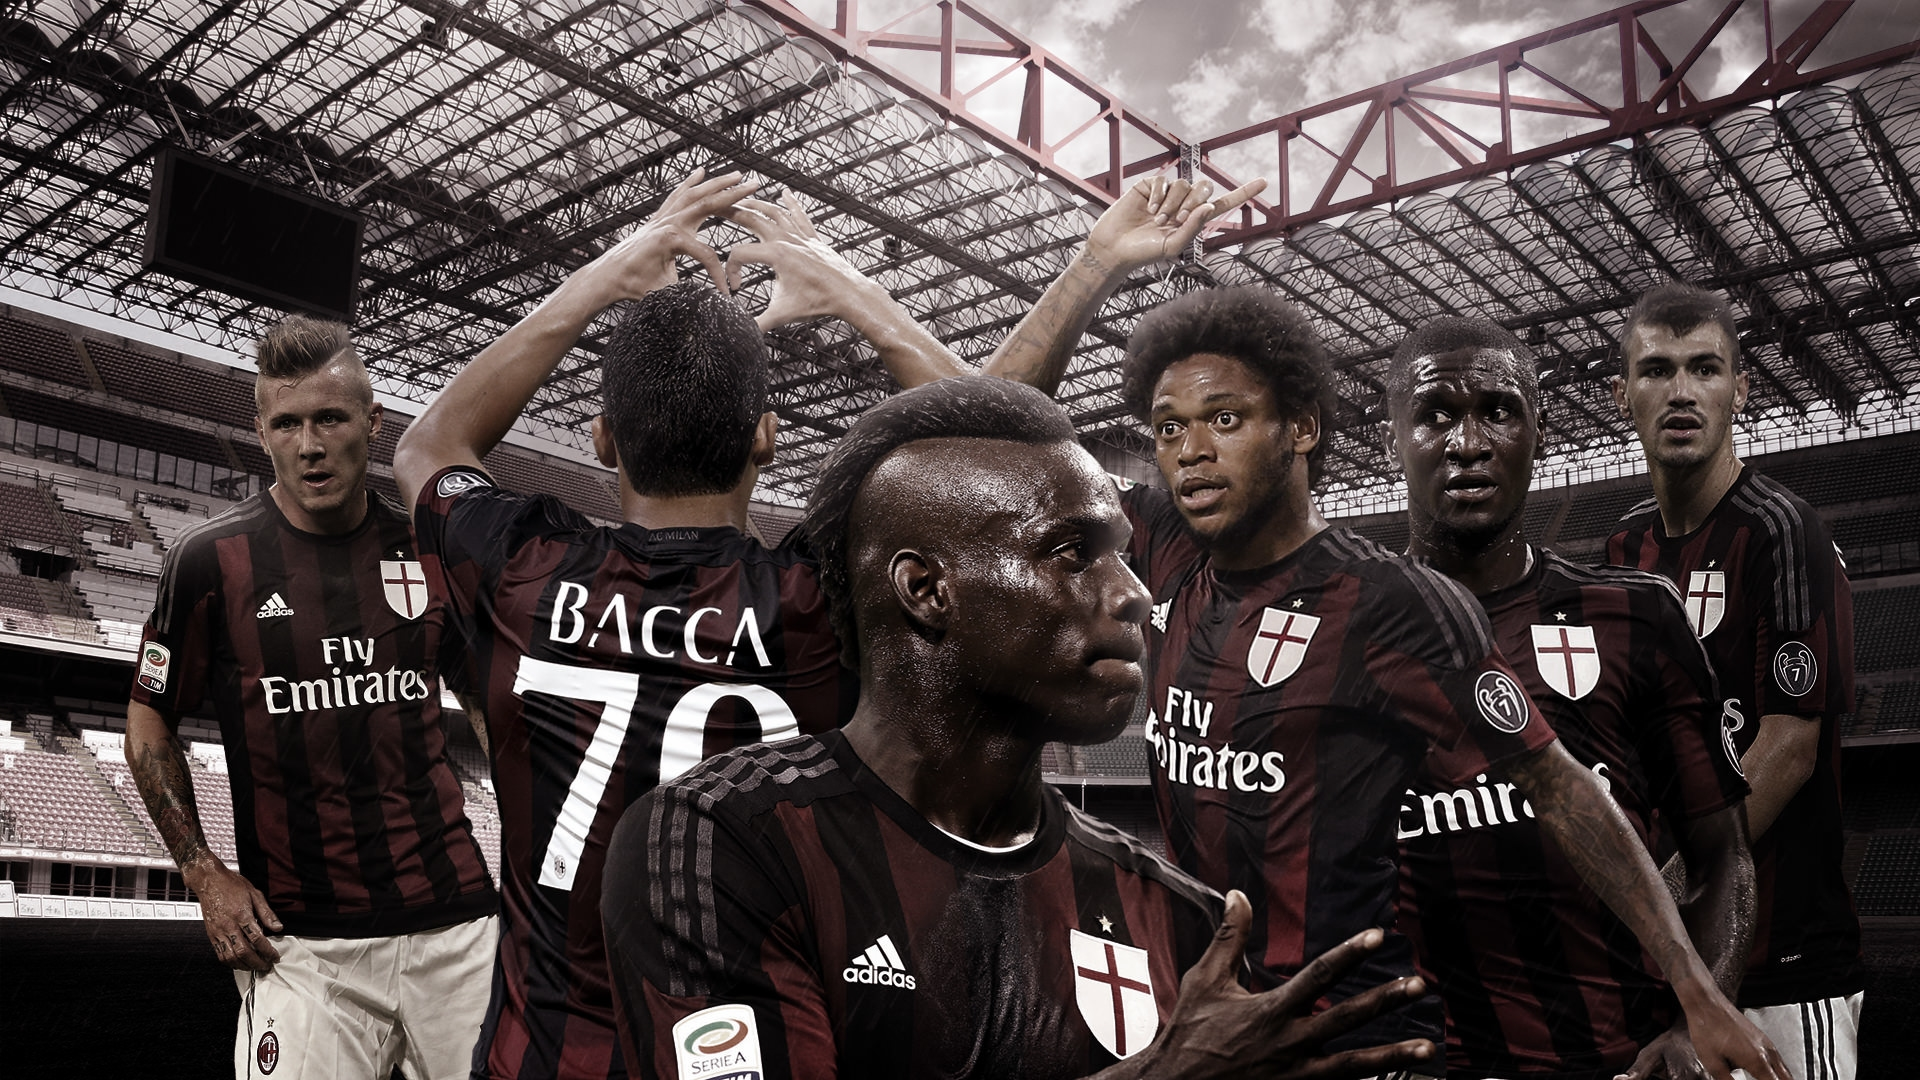 Ac Milan Background Wallpaper